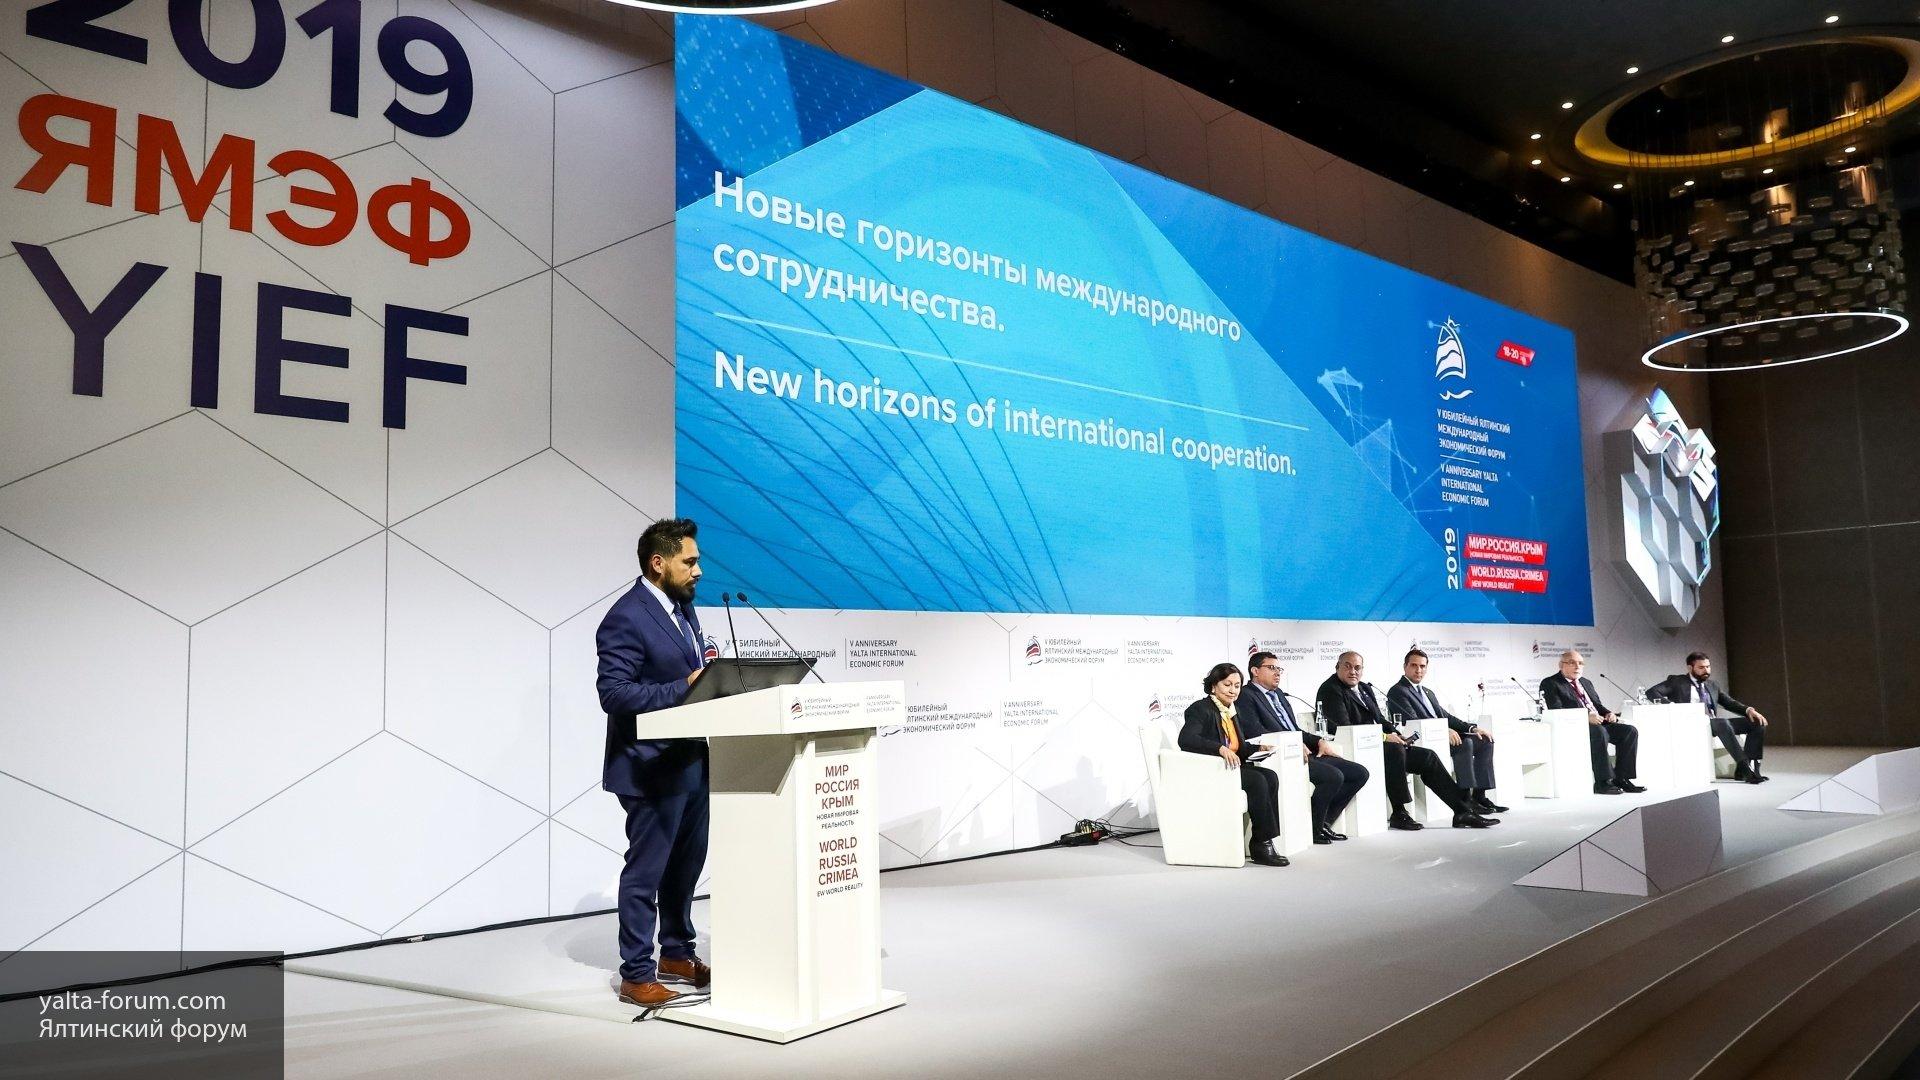 Участники Ялтинского экономического форума заключили соглашения на миллиарды рублей